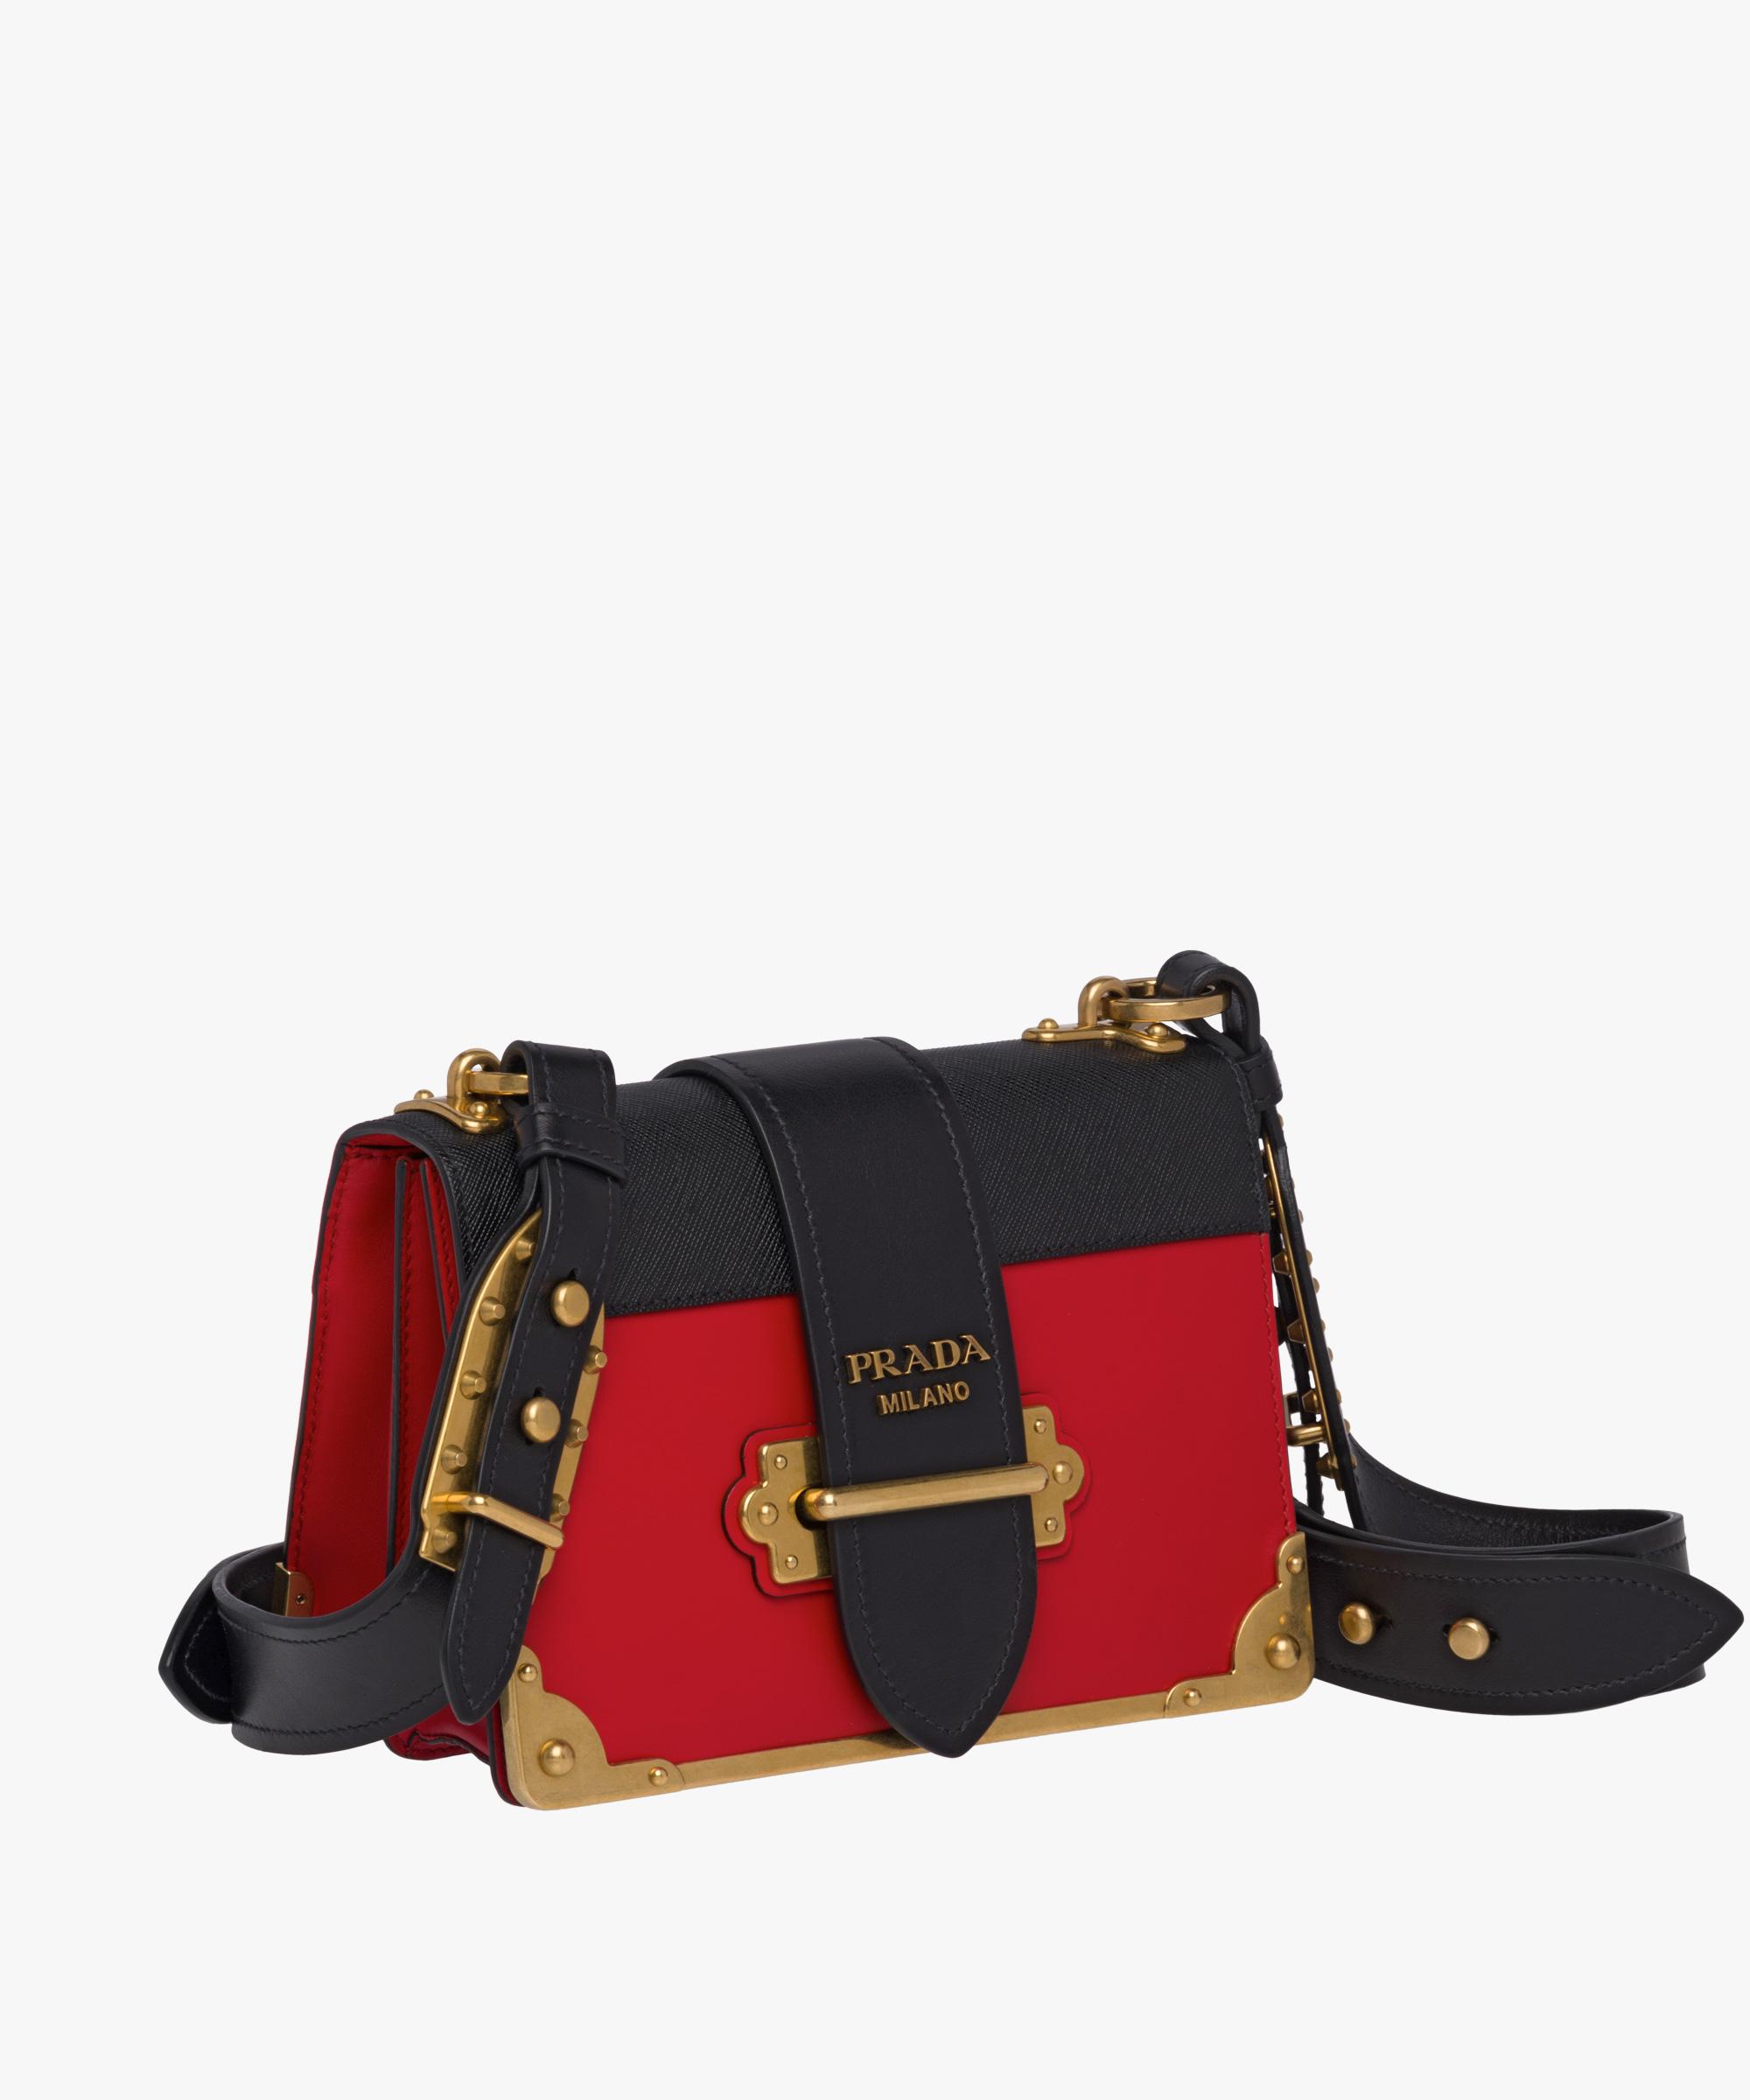 Prada Cahier Lion Head Bag